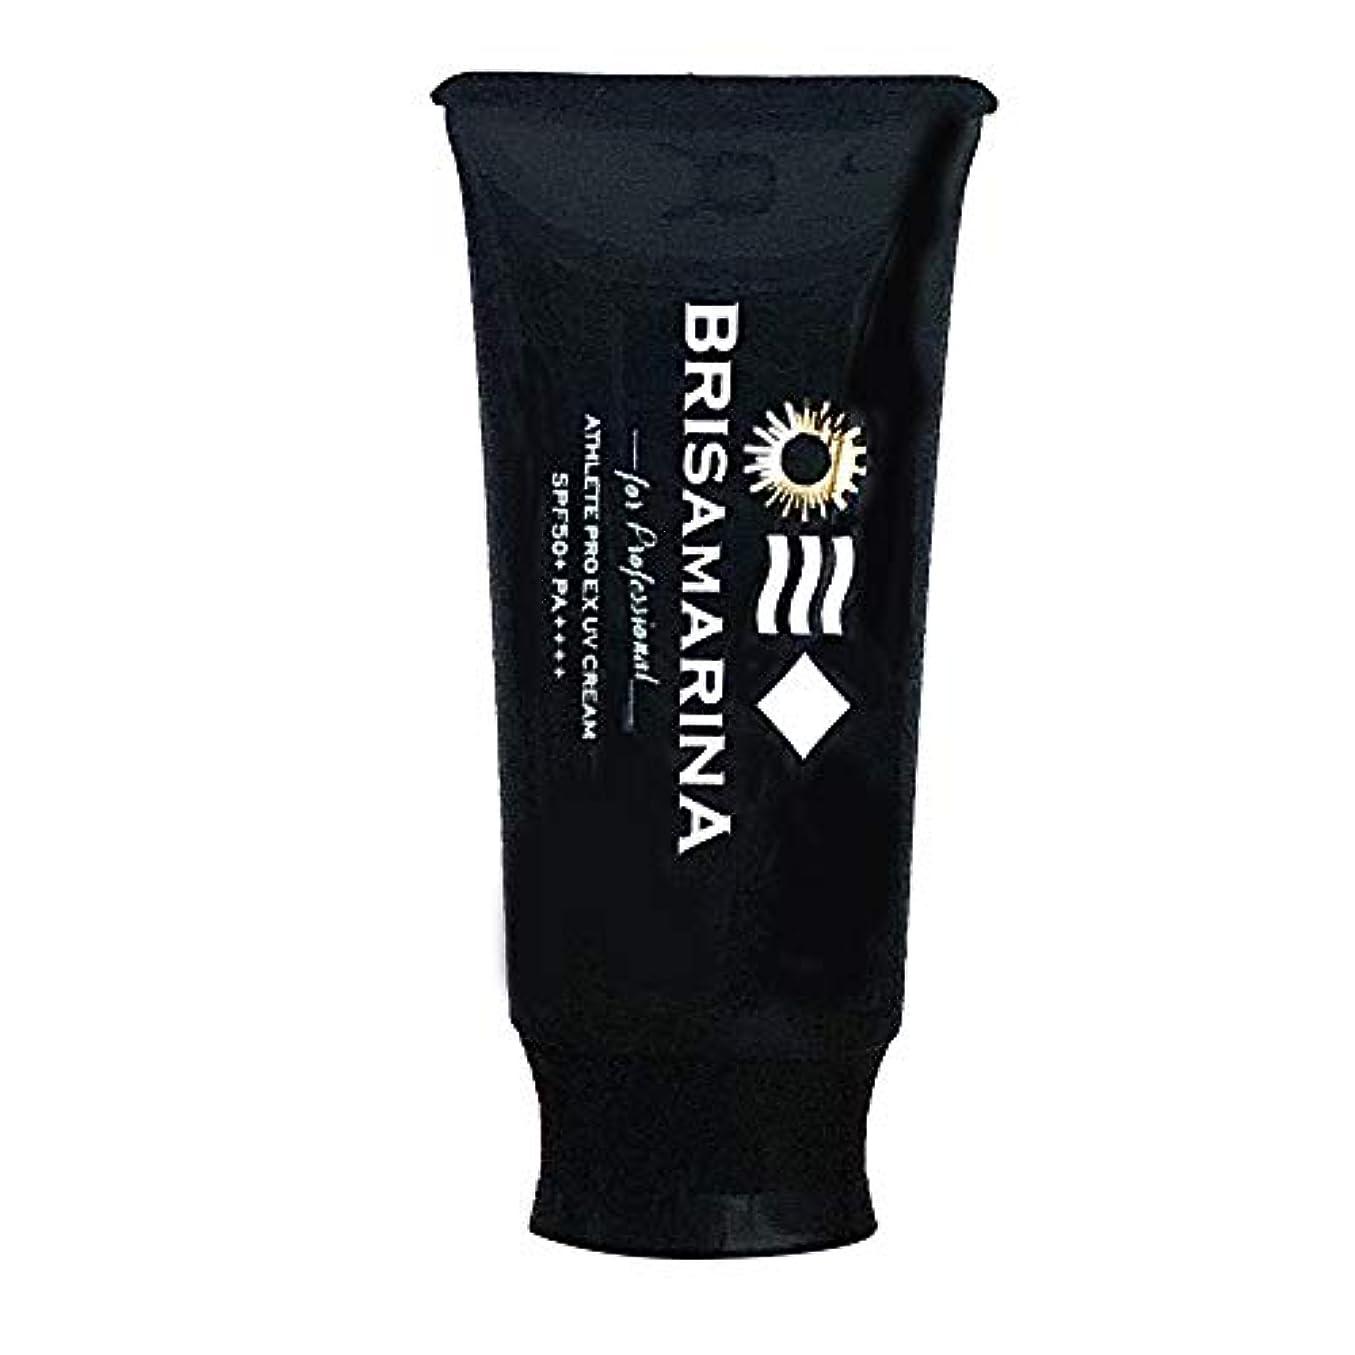 貪欲障害者花輪BRISA MARINA(ブリサマリーナ) 日焼け止め アスリートプロEX UVクリーム SPF50 PA++++ 保湿成分 全身 顔 サンケア ウォータープルーフ 日焼止め 日本正規品 ホワイト